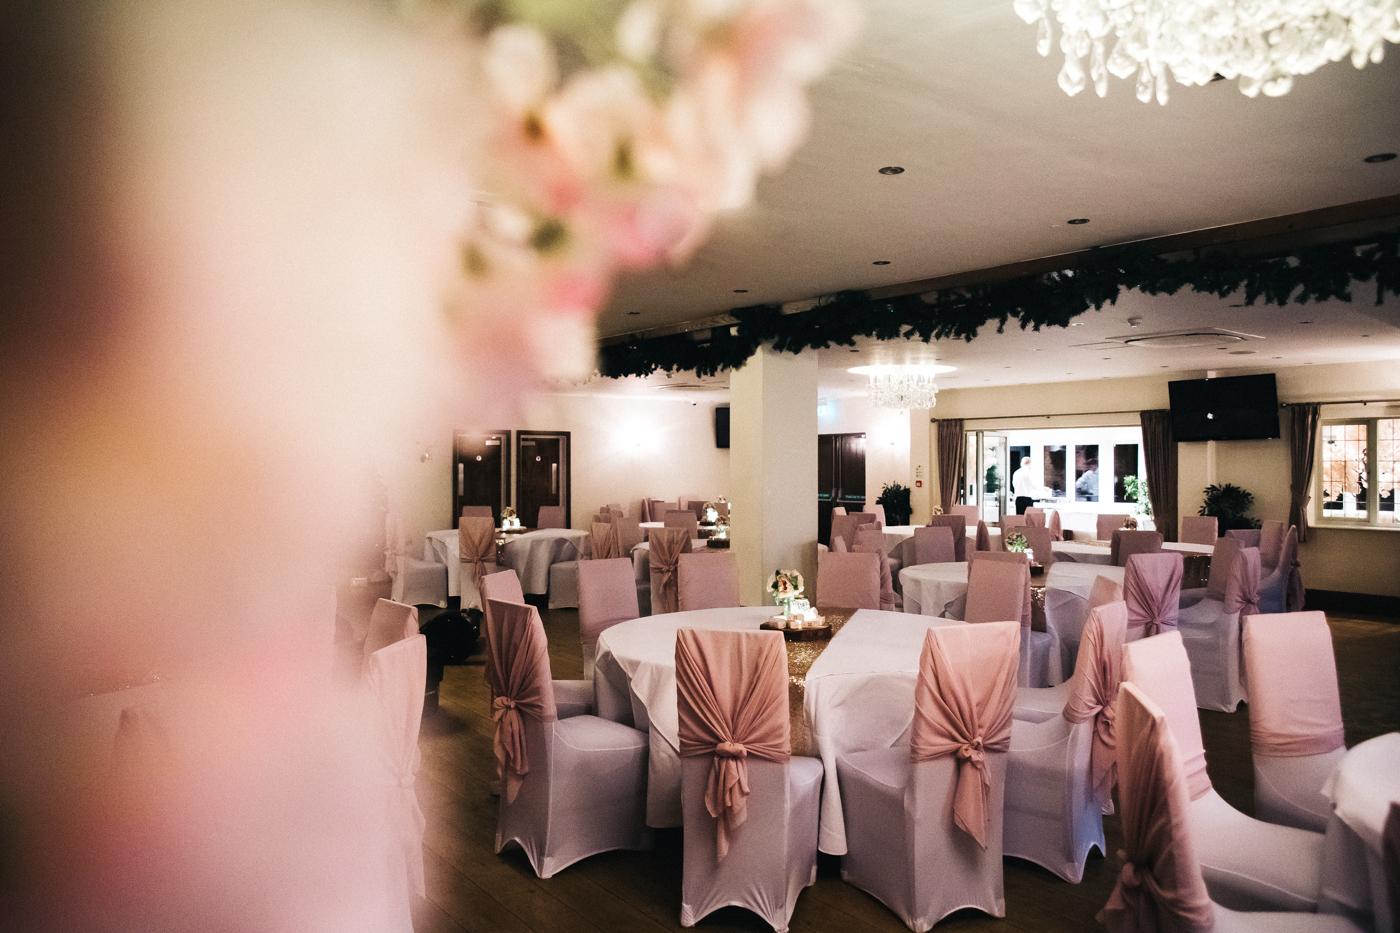 derby-derbyshire-wedding-photographer-creative-white-hart-inn-wedding-0033.jpg